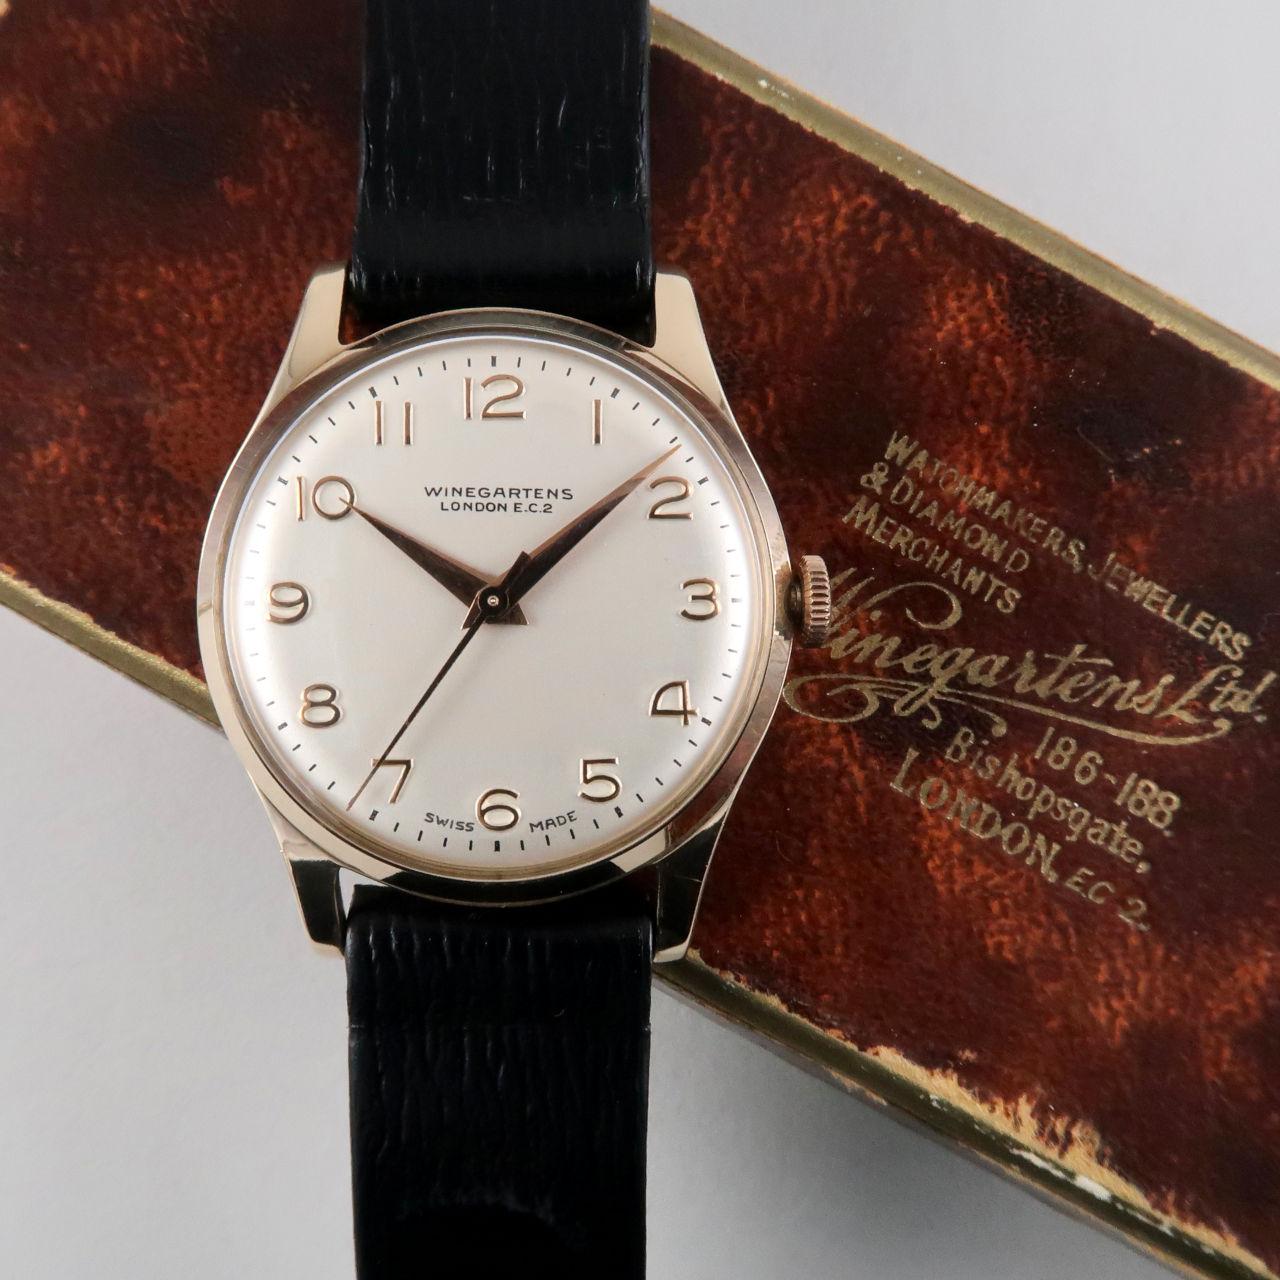 Winegartens London gold vintage wristwatch, hallmarked 1960